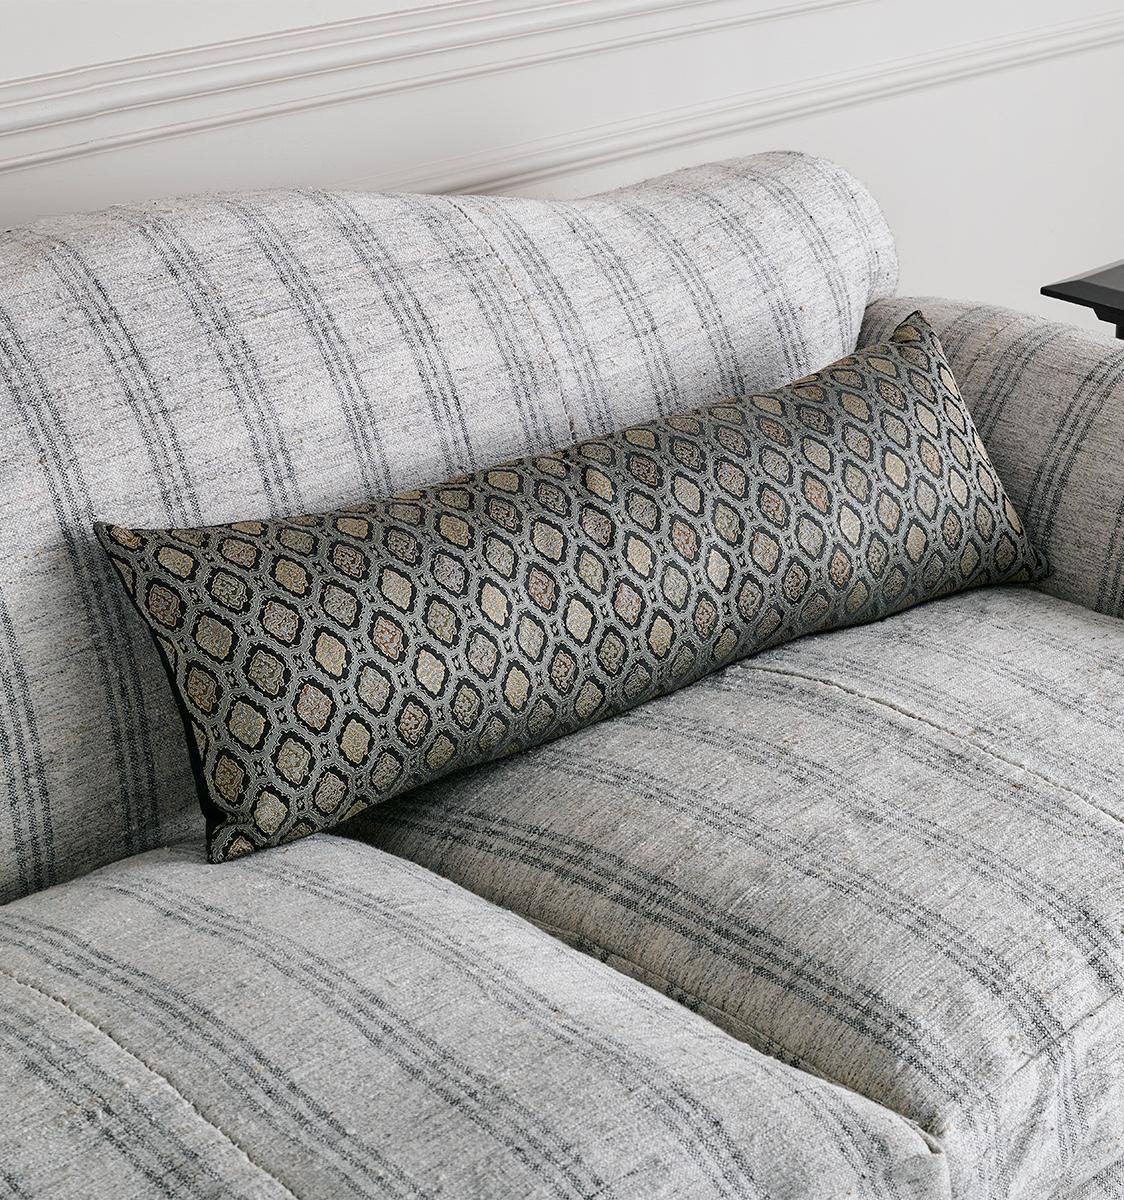 Large Antique Cushion